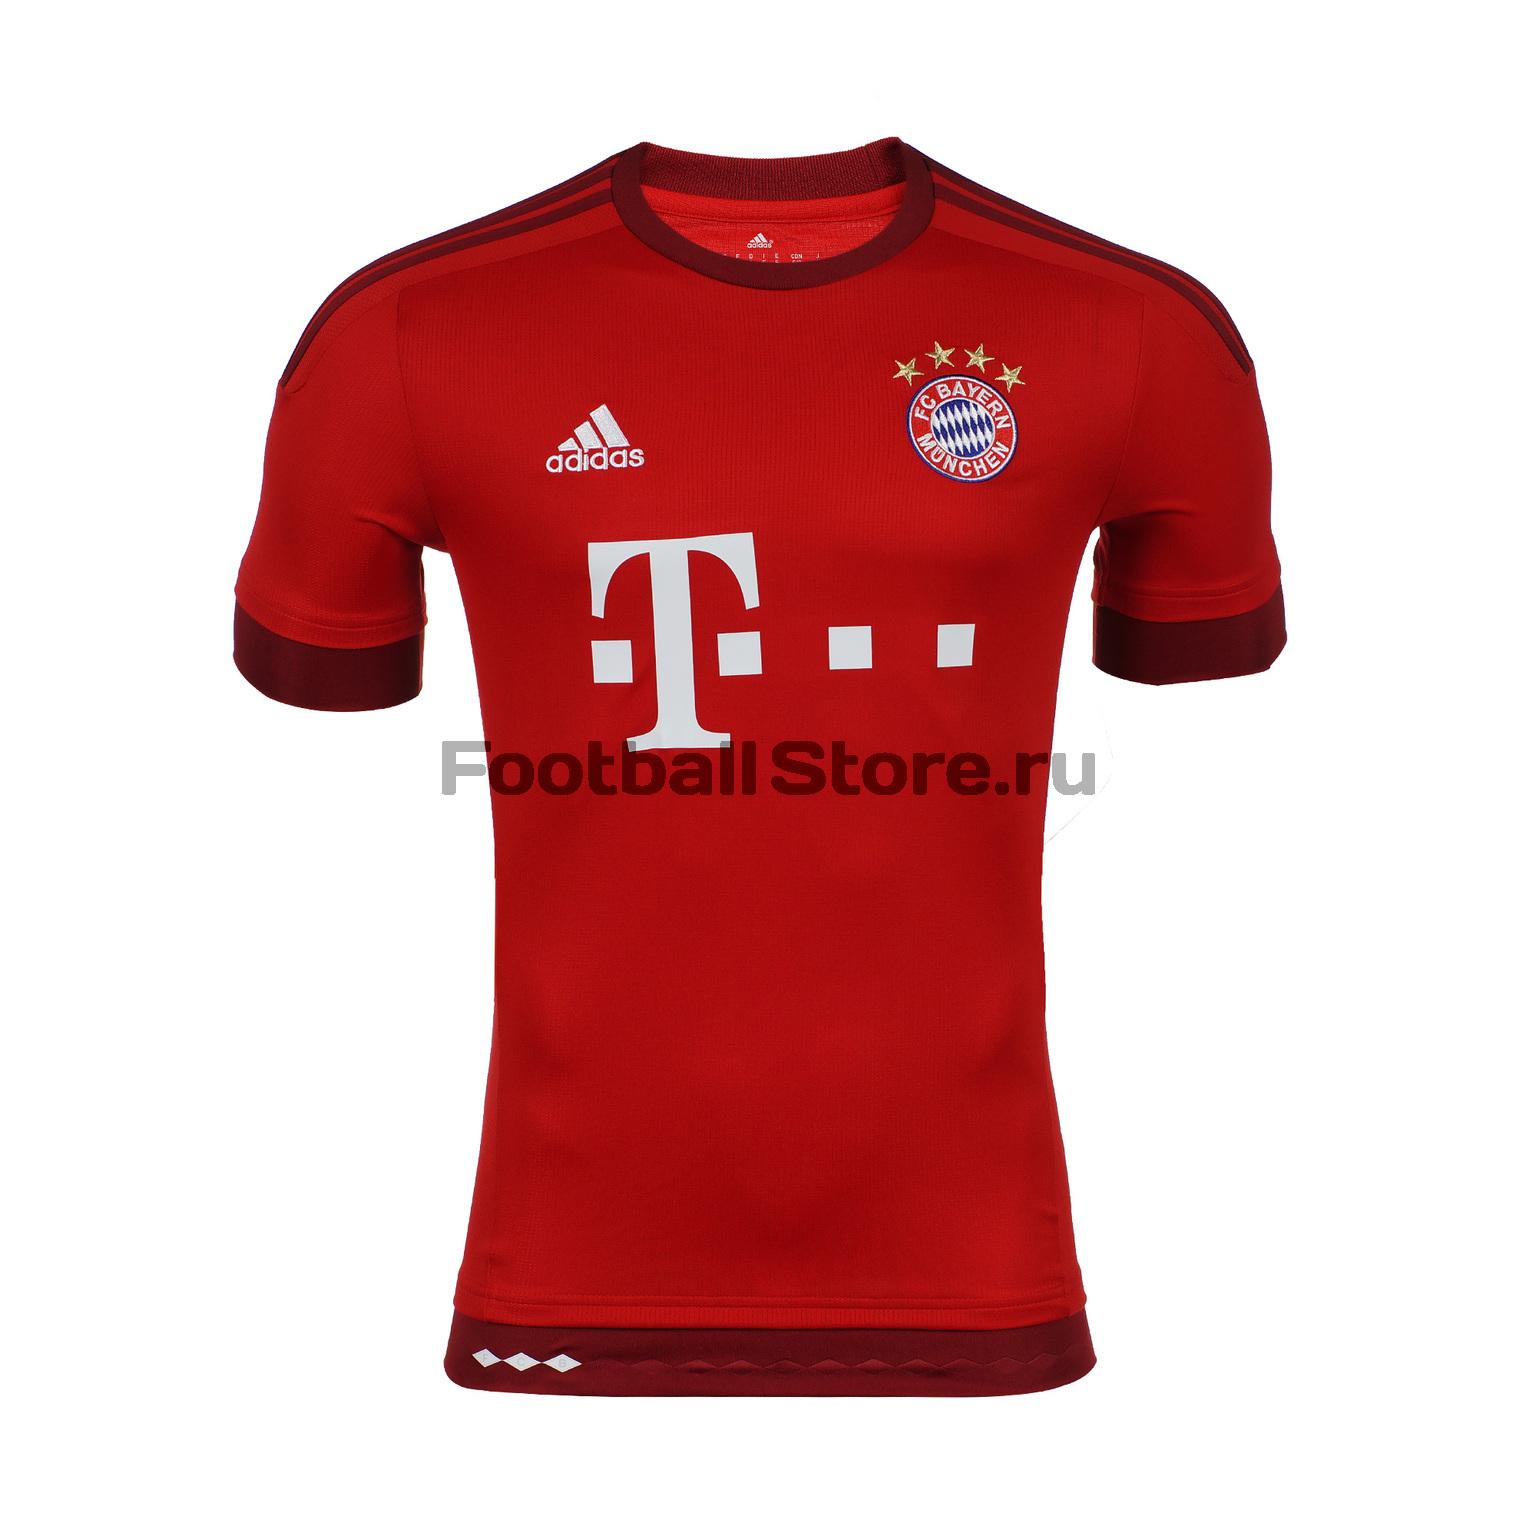 Bayern Adidas Футболка игровая Adidas Bayern Home JSY S14294 футболка mitre футболка игровая mitre modena взрослая